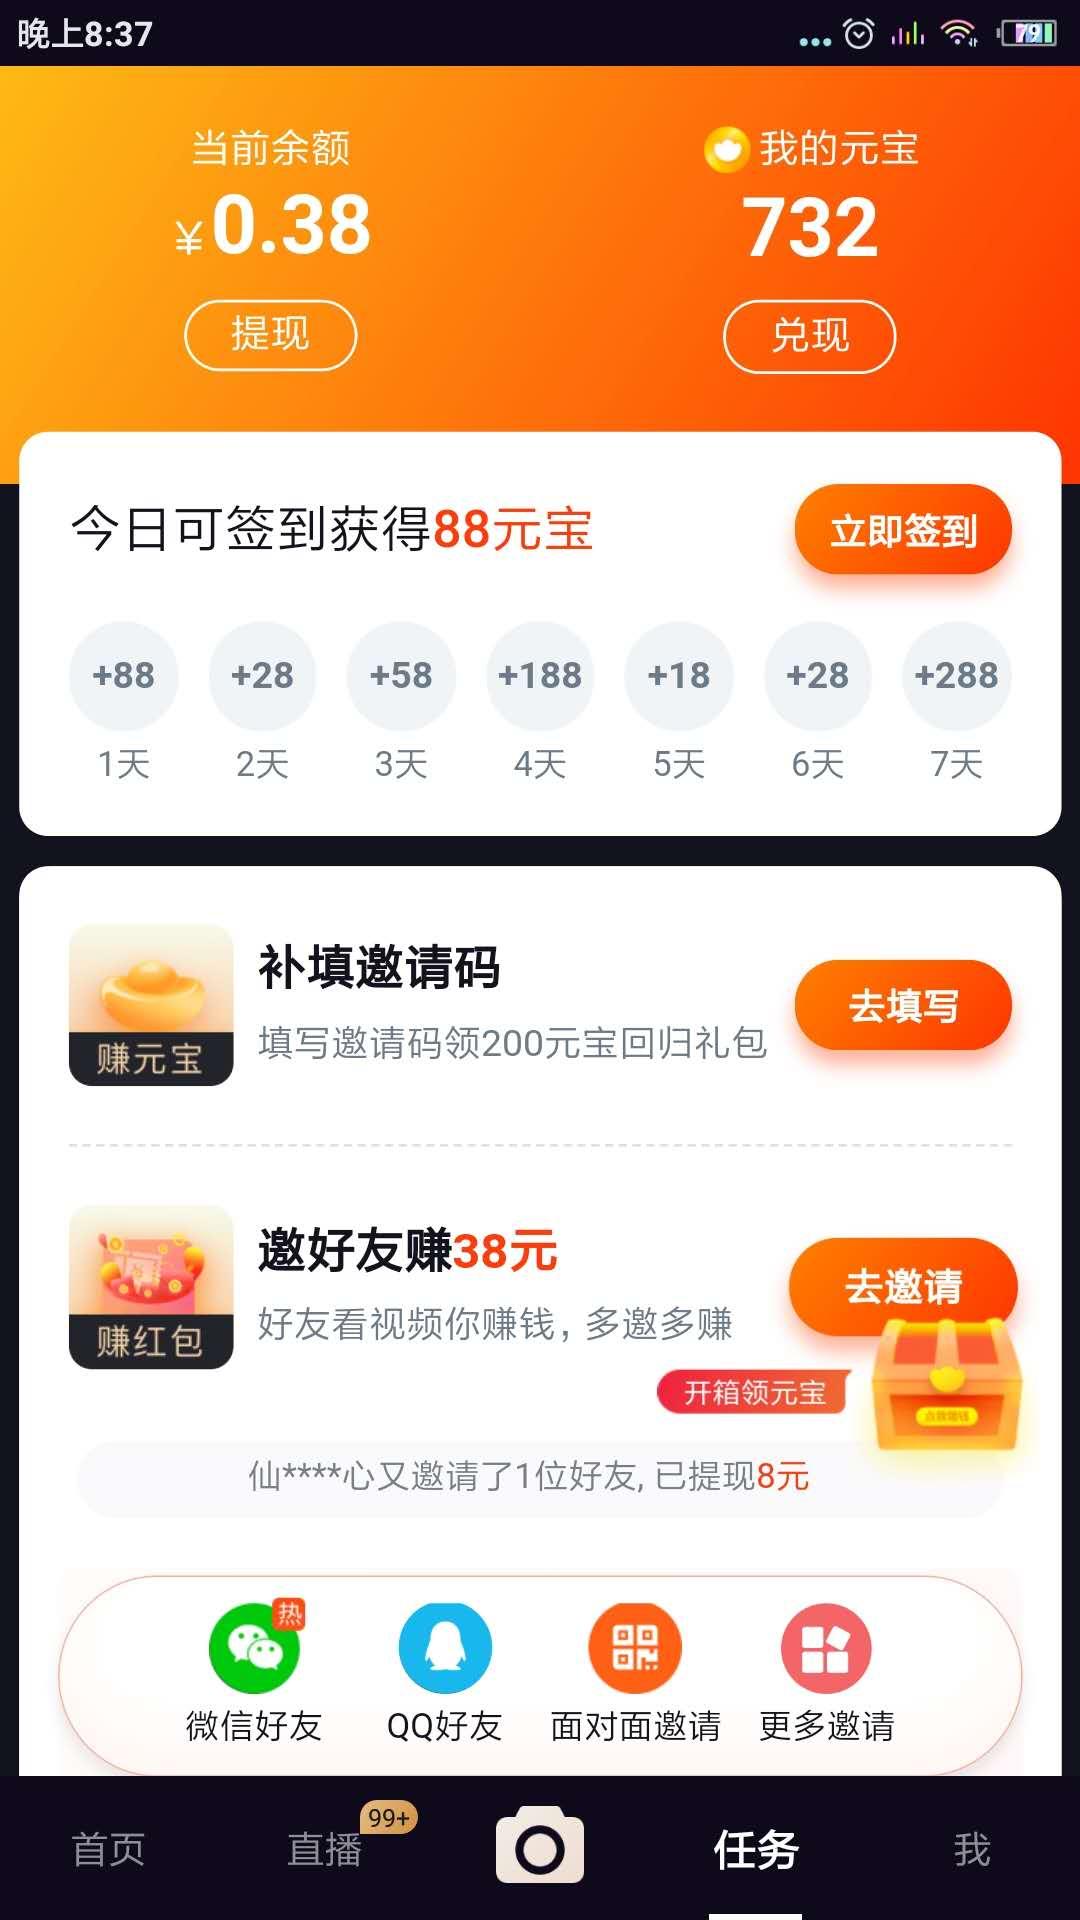 刷宝短视频app官网下载